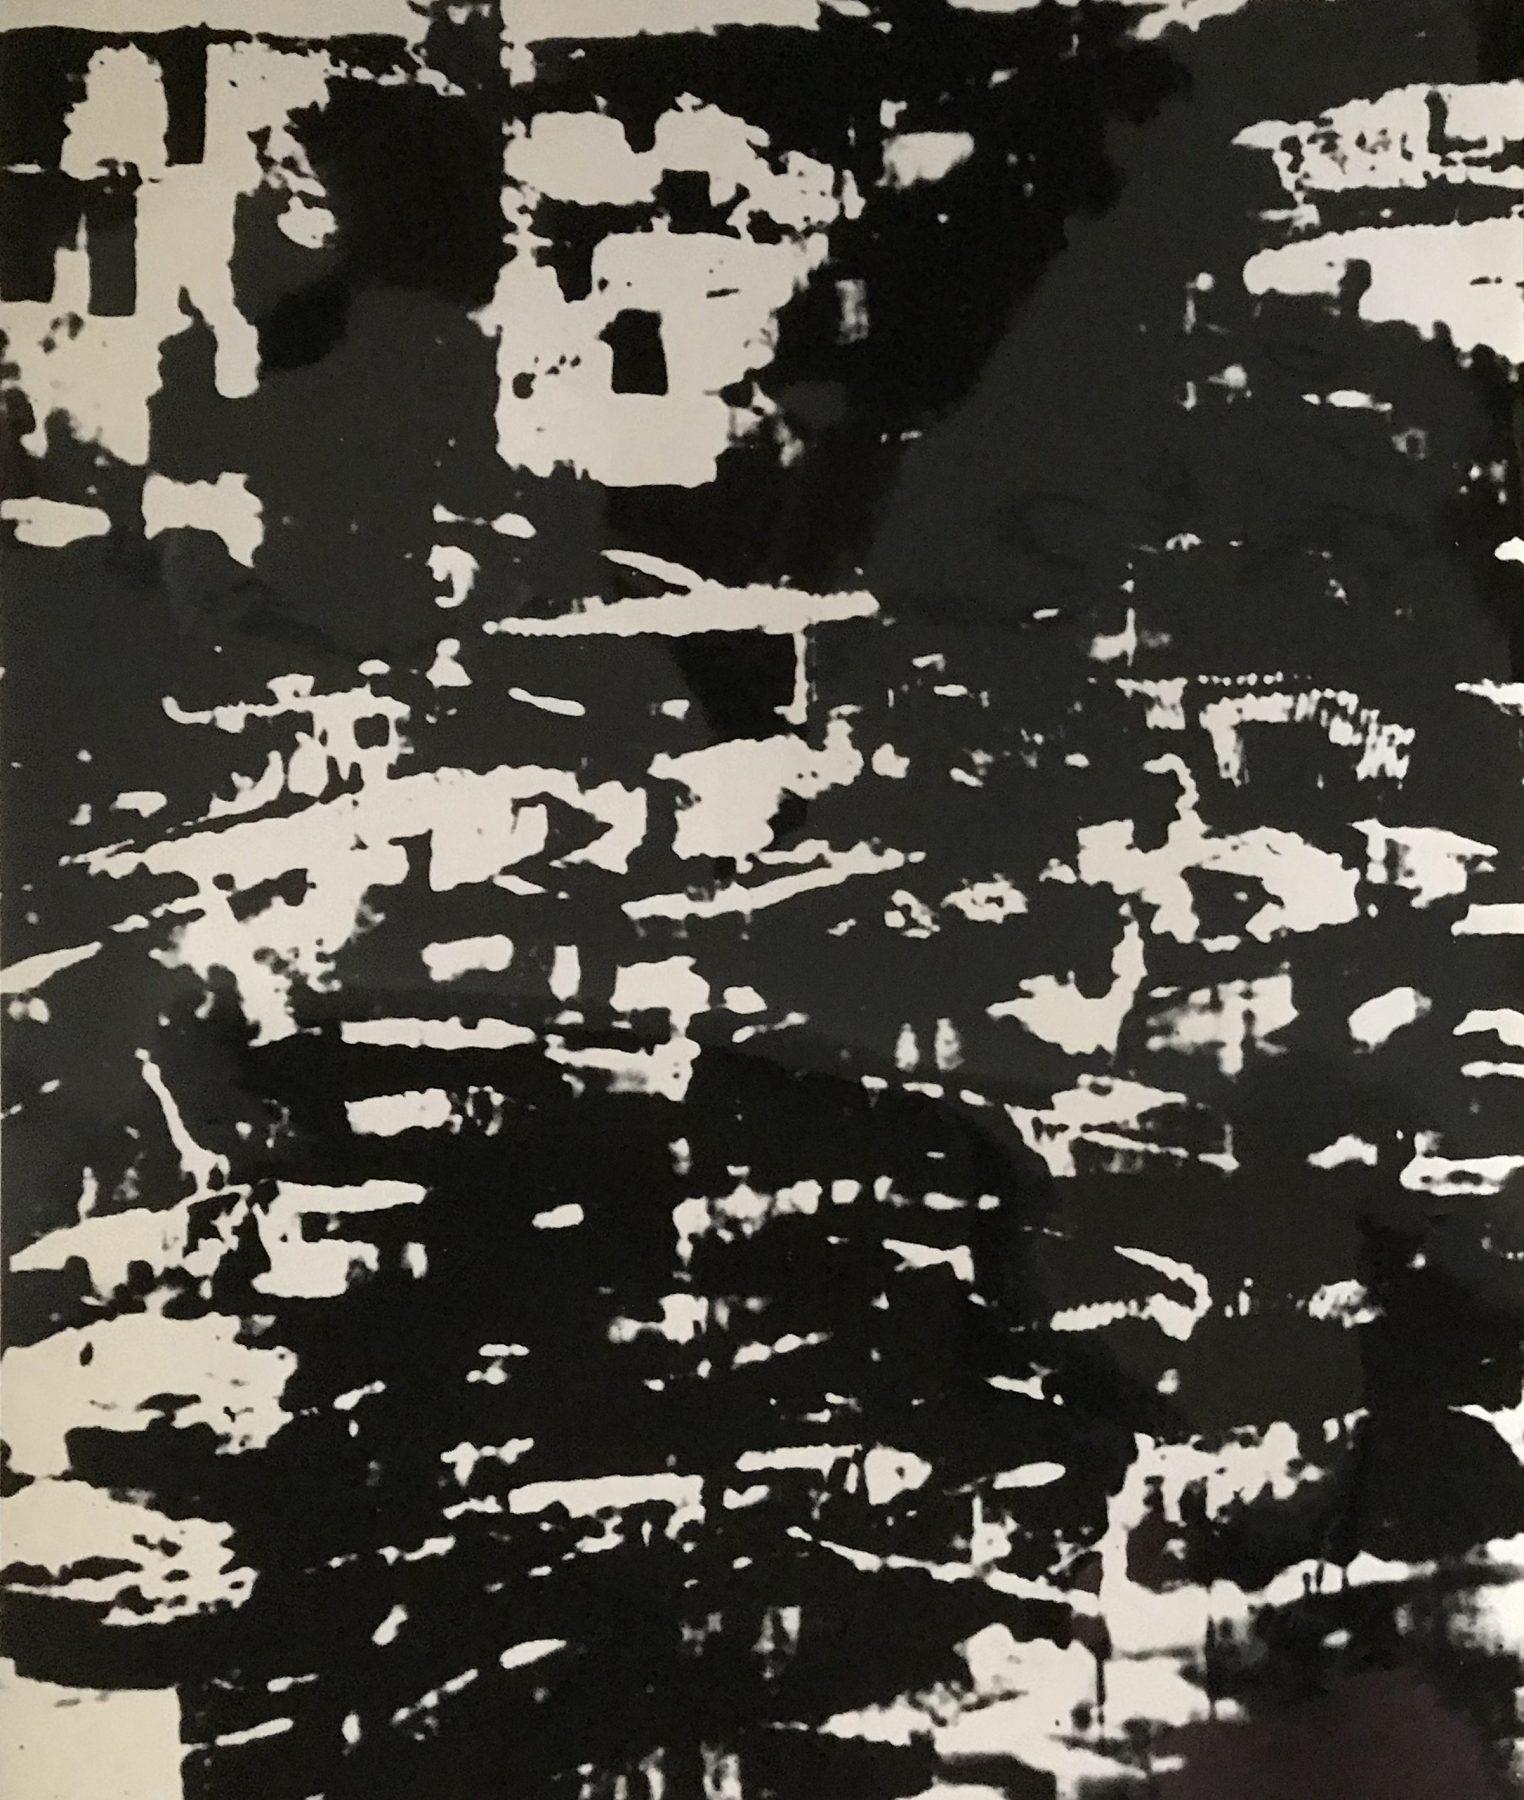 Harald Boockmann Fotografie, ohne Titel, 1960er Jahre, silbergelatinepapier, 60 x 51 cm